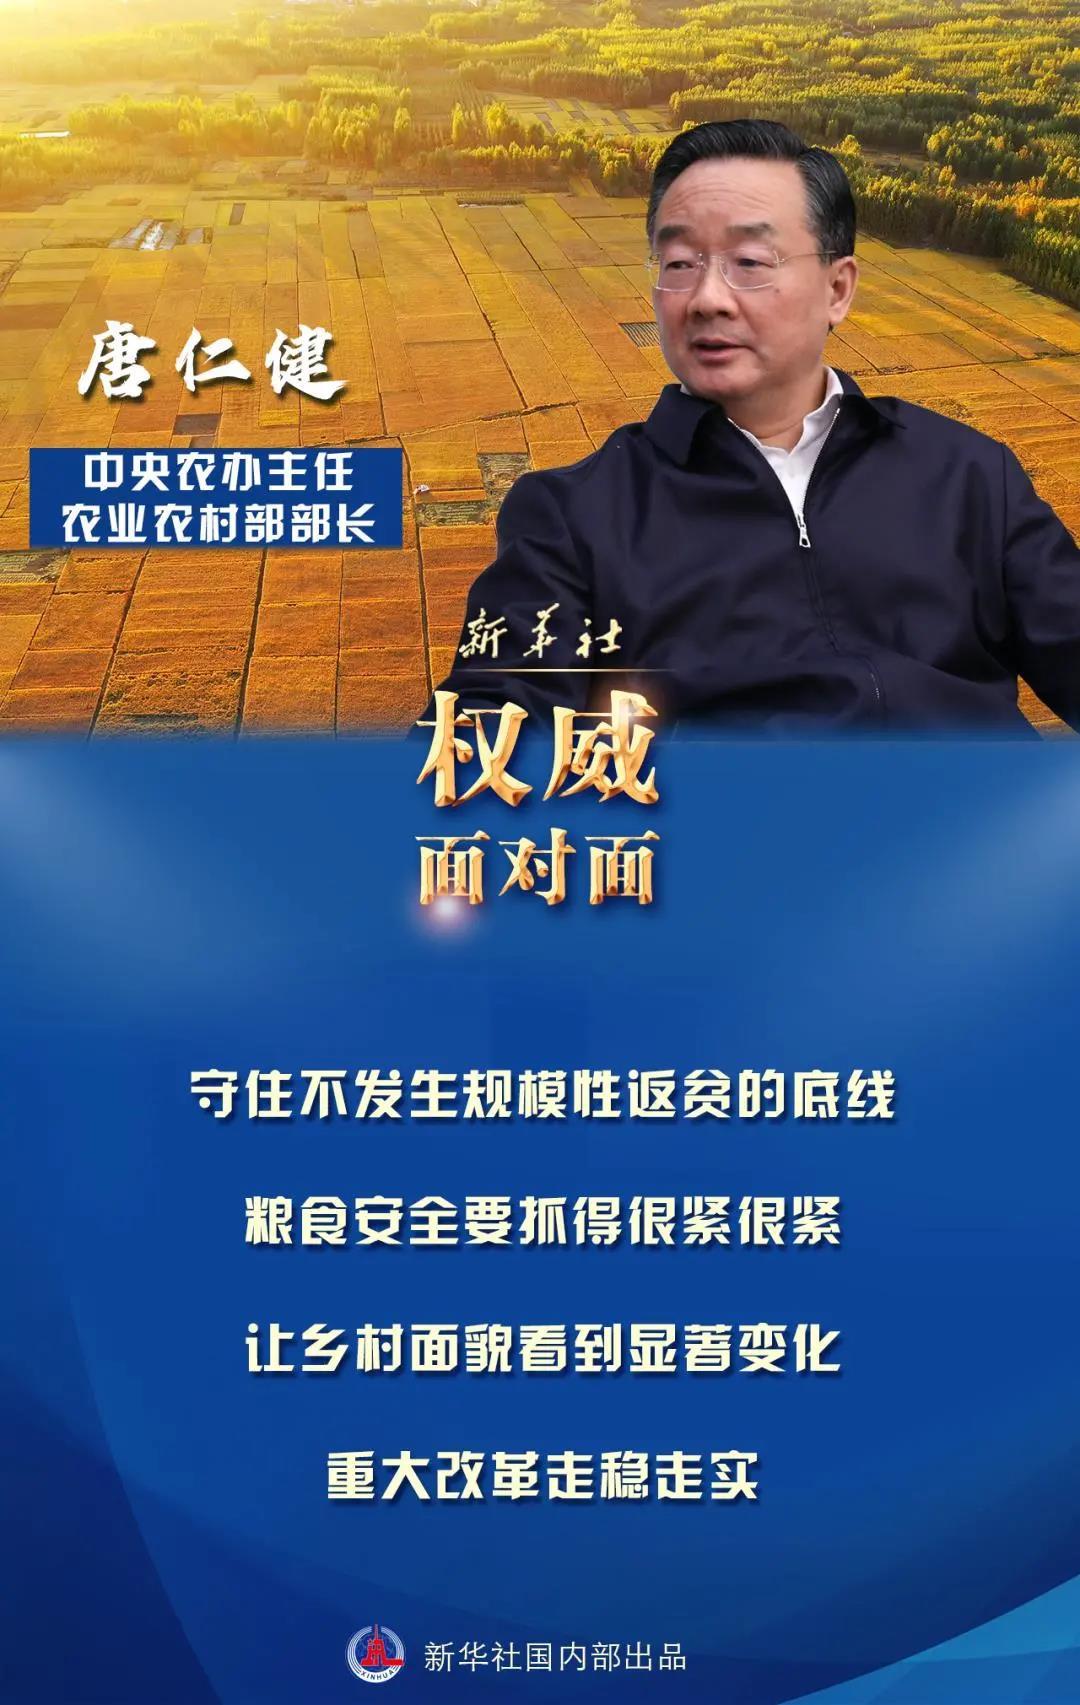 权威解读|唐仁健:以全面推进乡村振兴促进中华民族伟大复兴